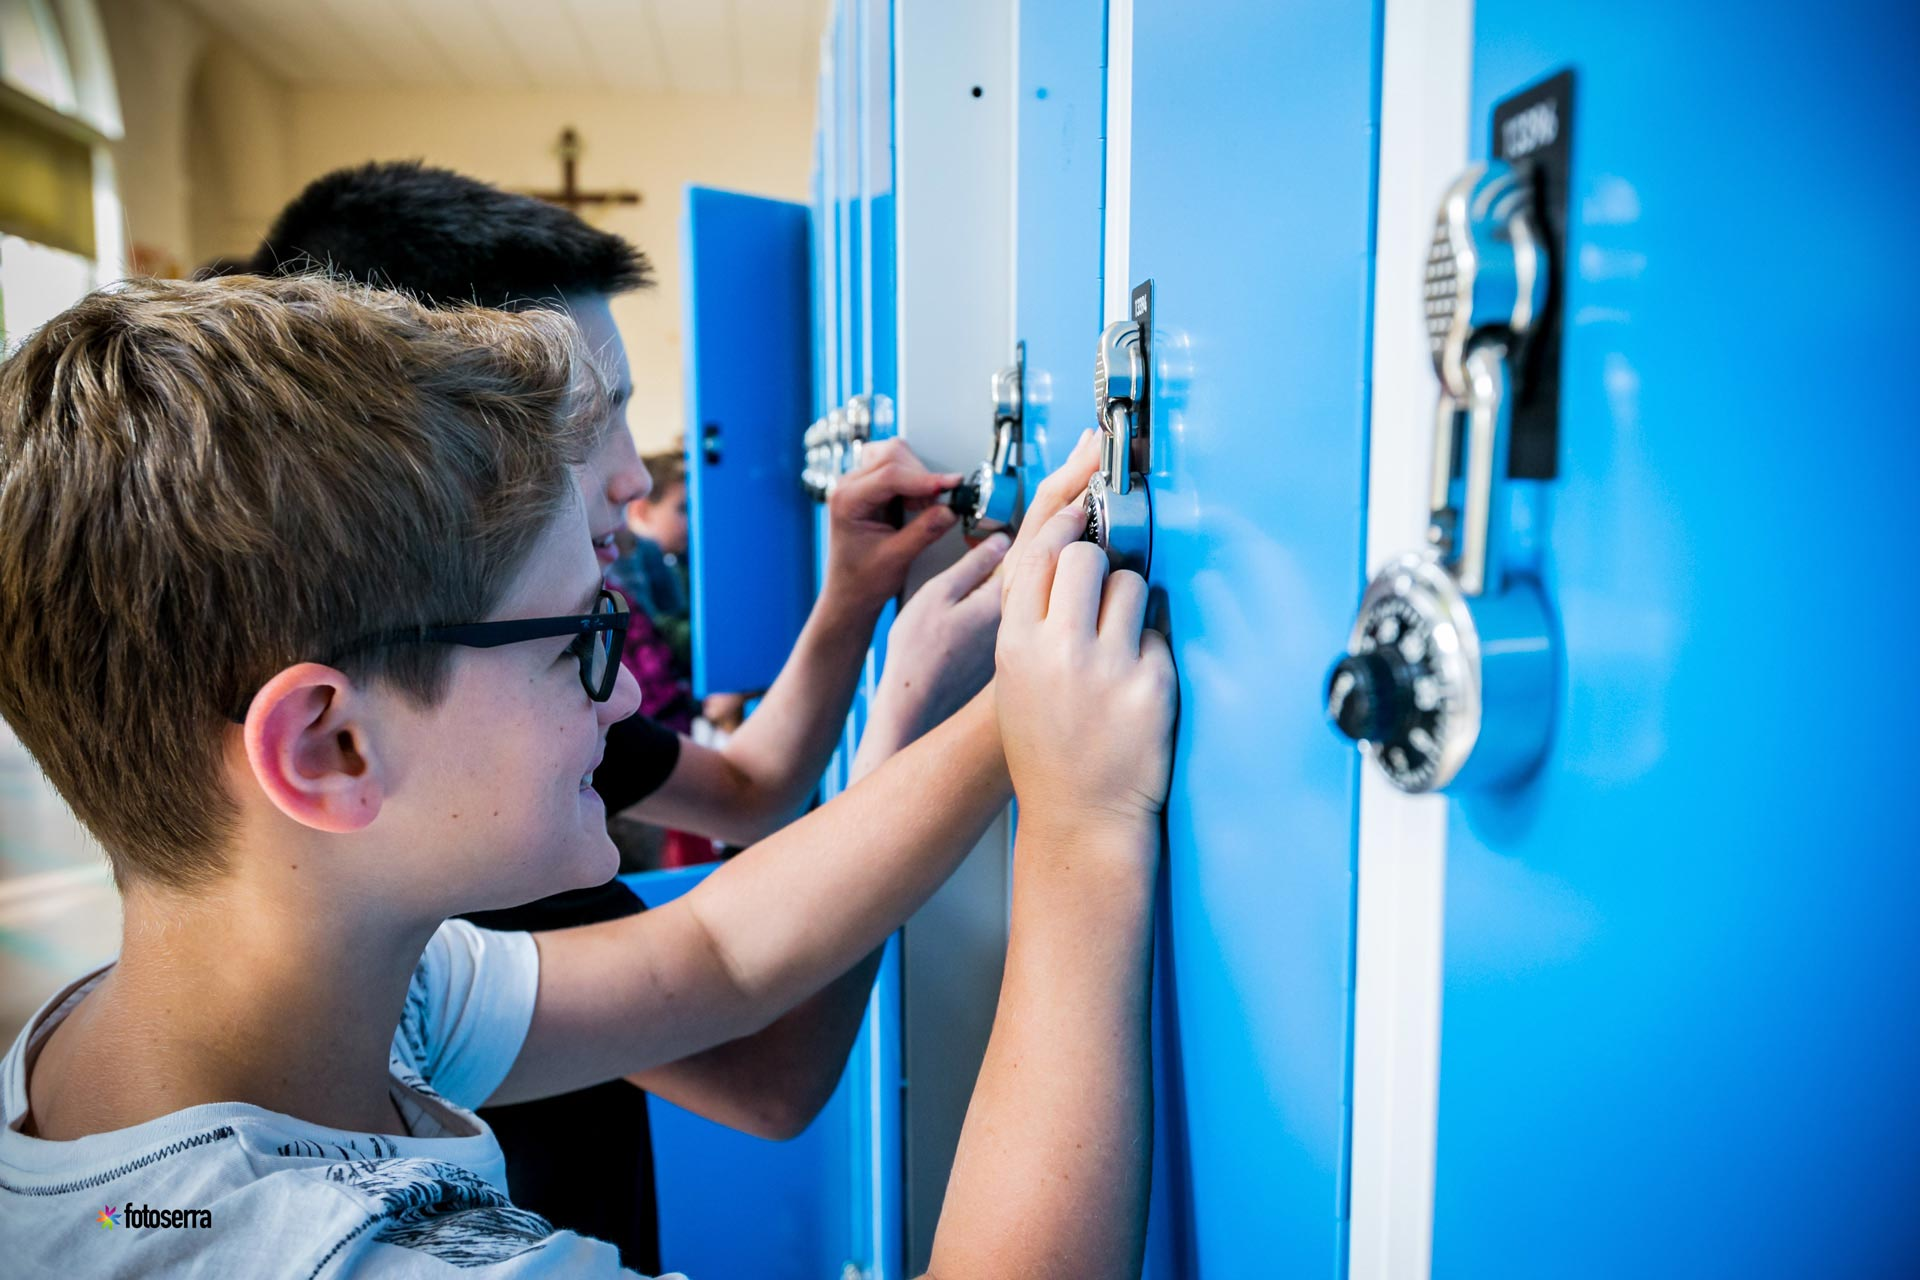 Scuola Secondaria di I grado del Collegio Villoresi: bambini agli armadietti